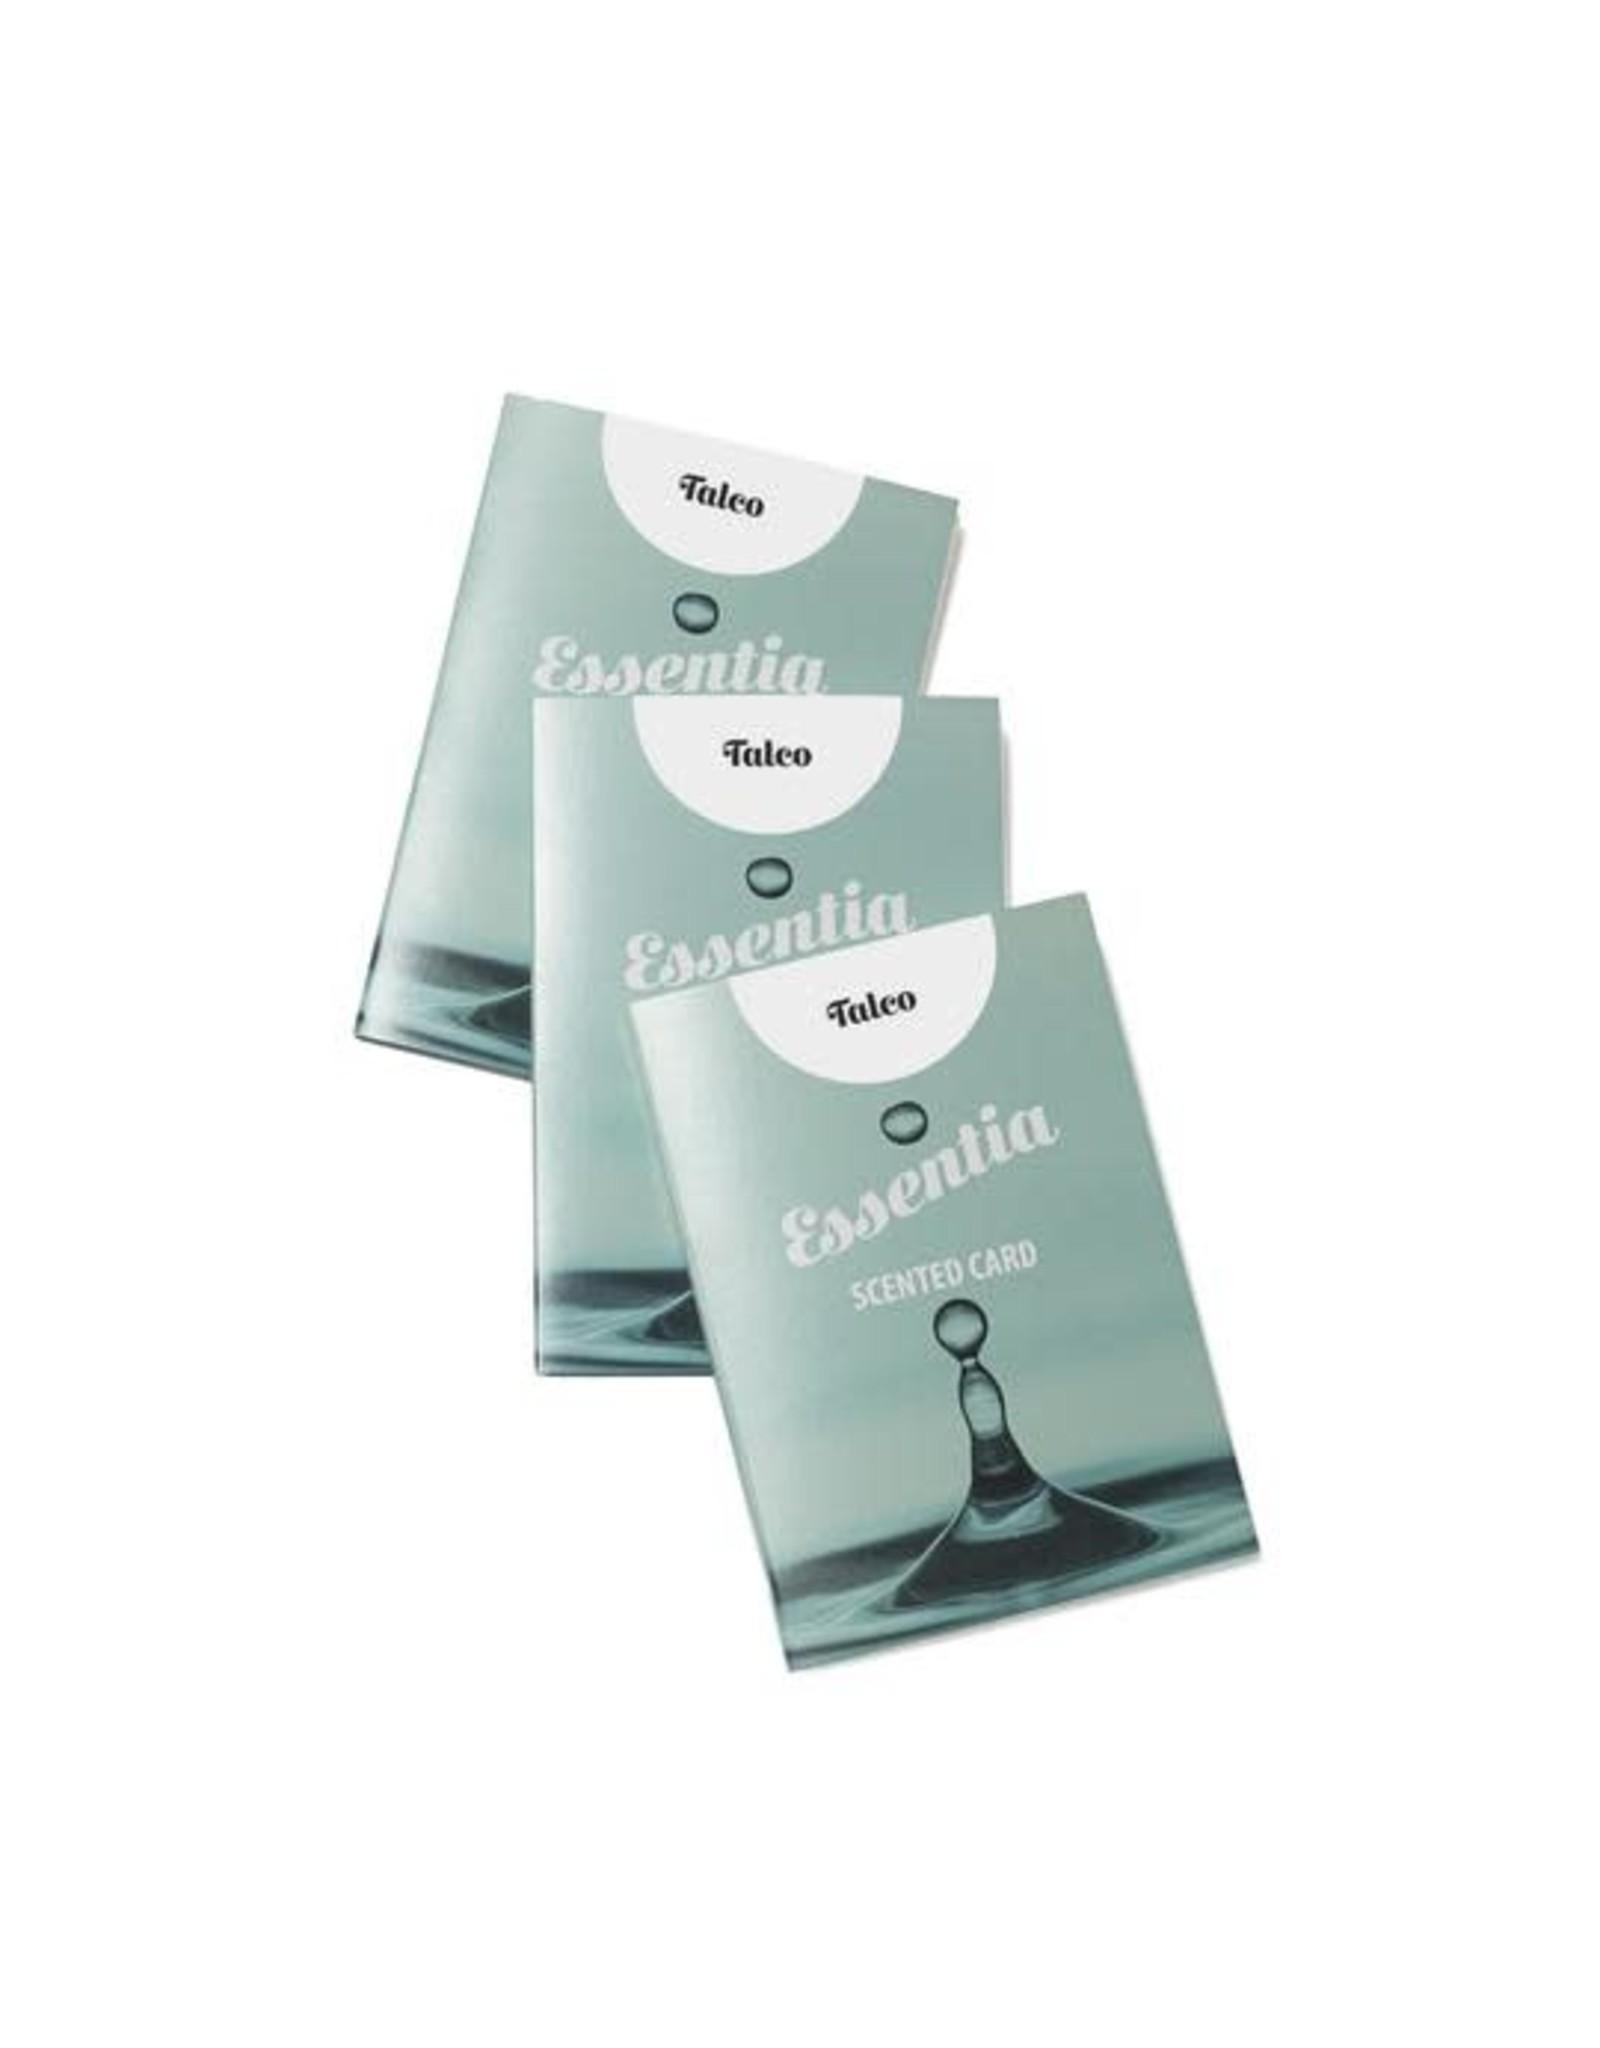 Wasgeluk Geurkaart - Lavendel